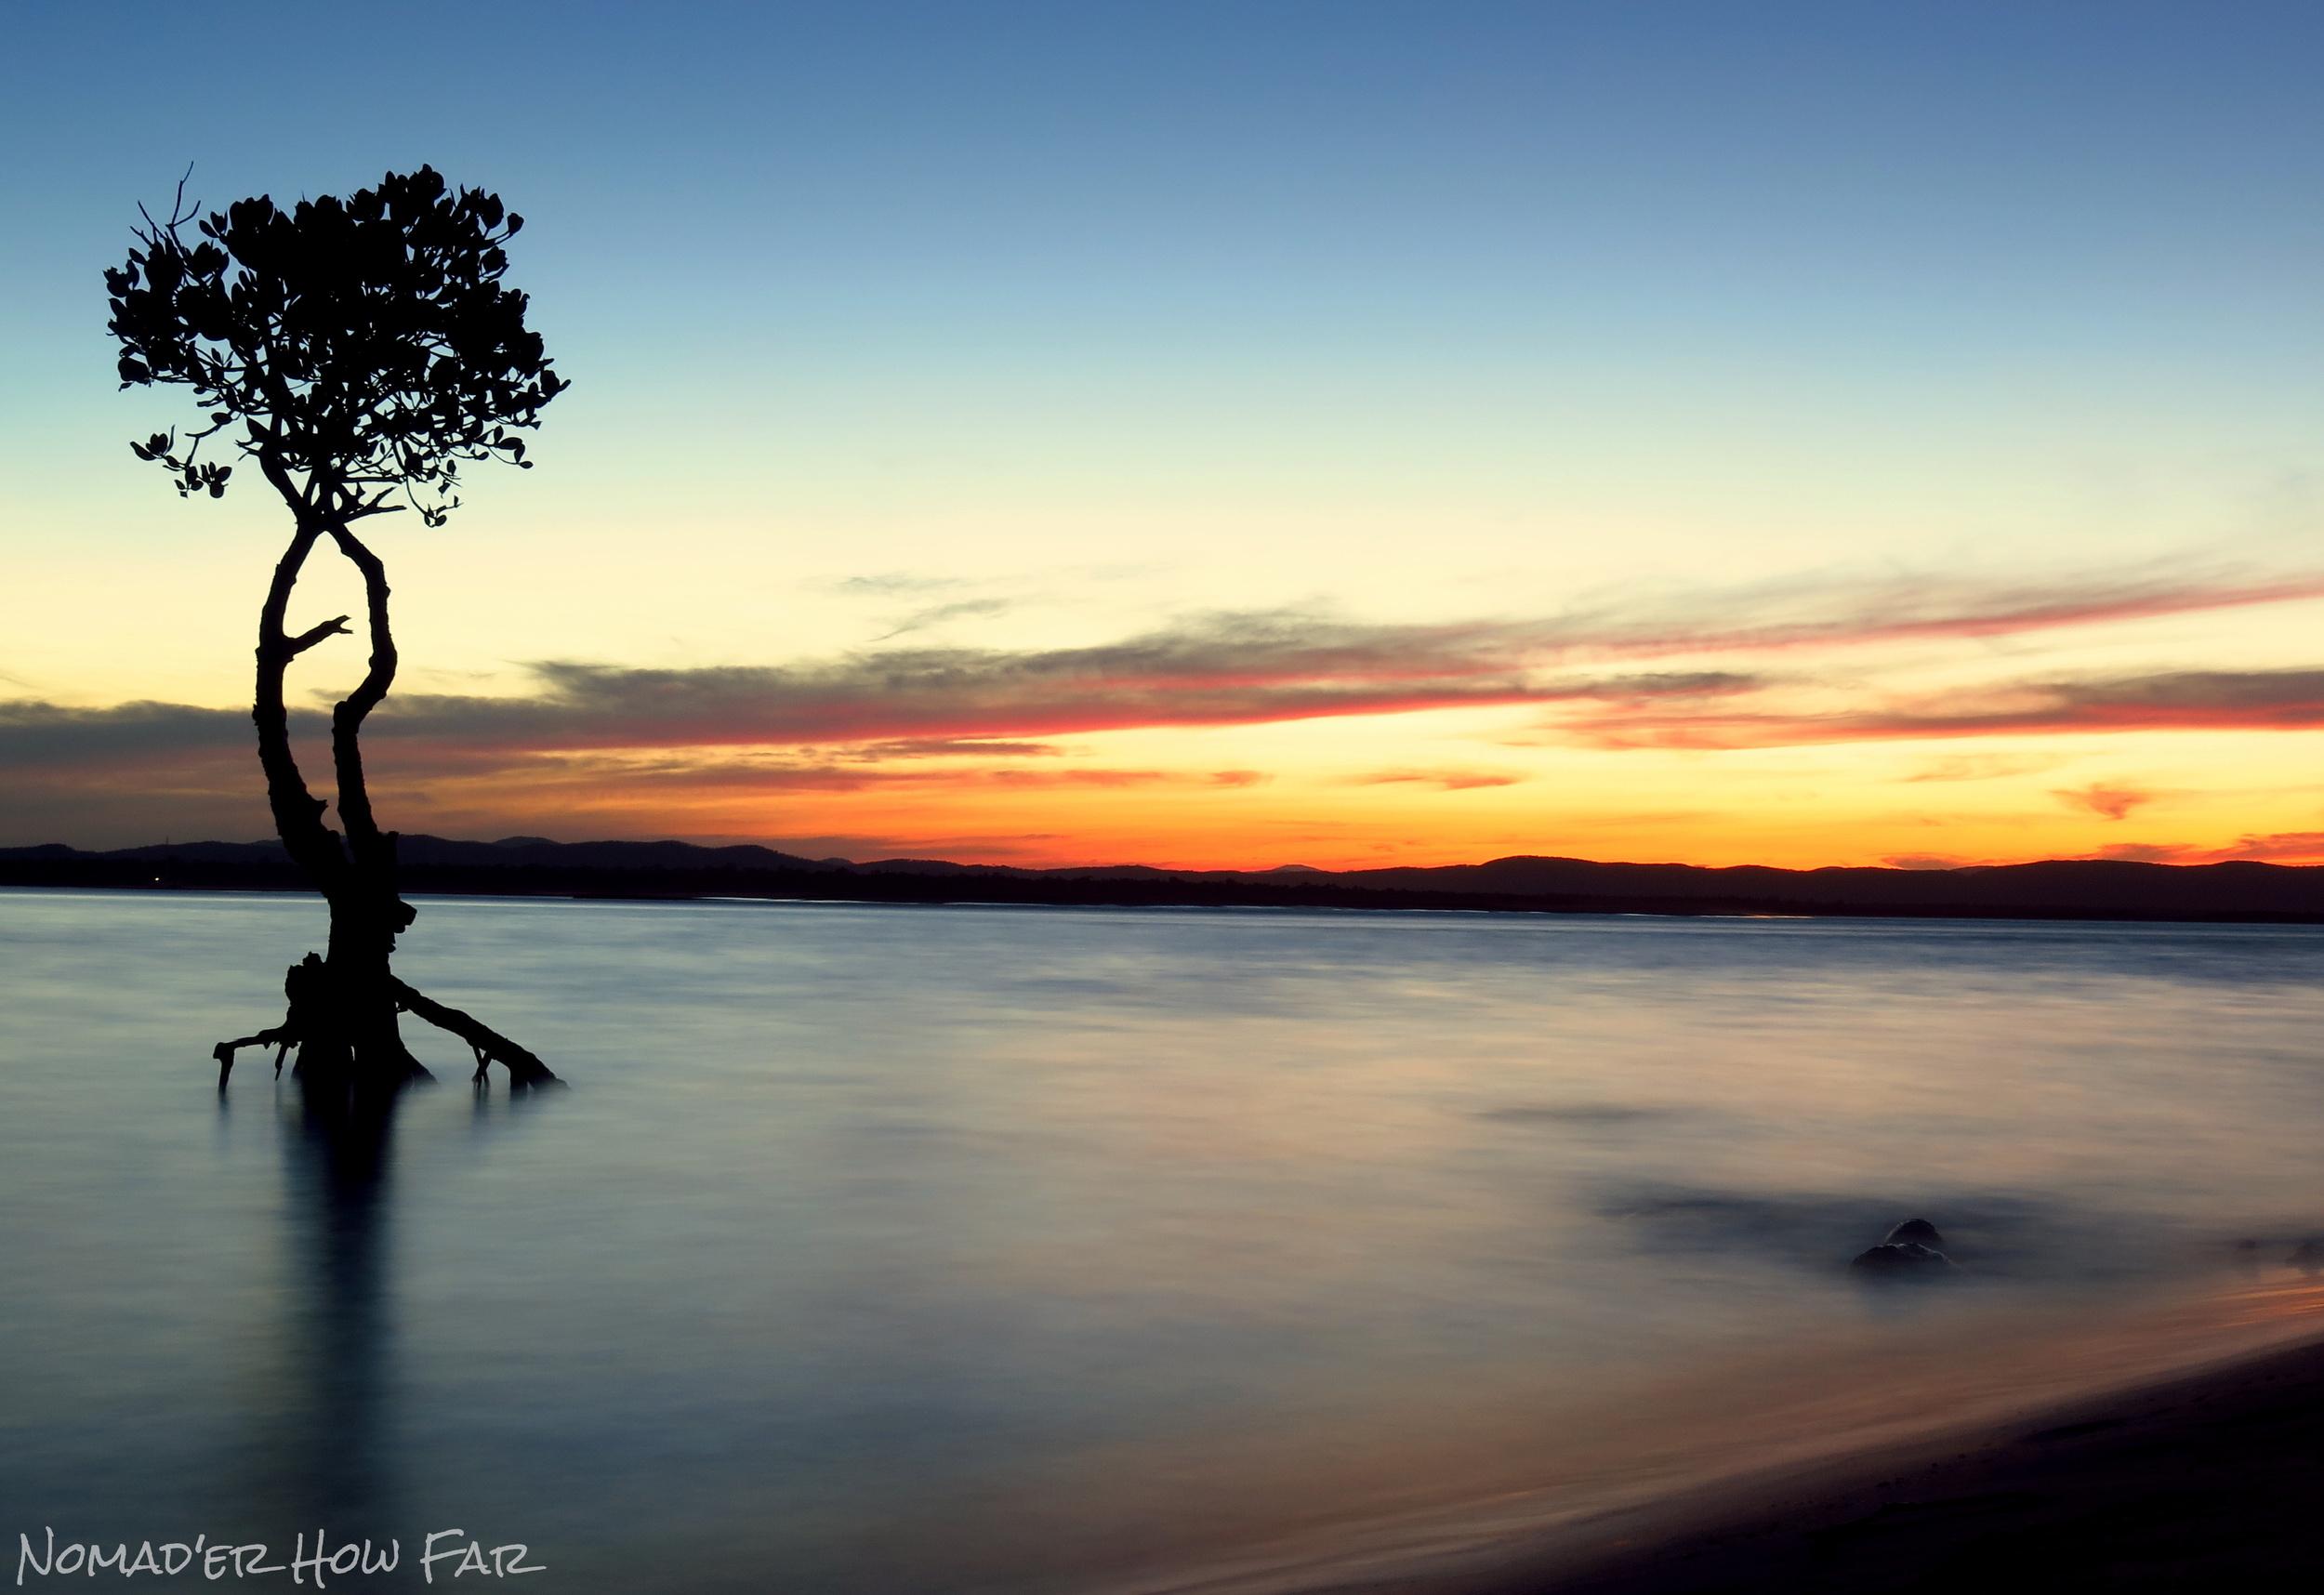 Long Exposure Mangrove & Sunset - Nomad'er How Far